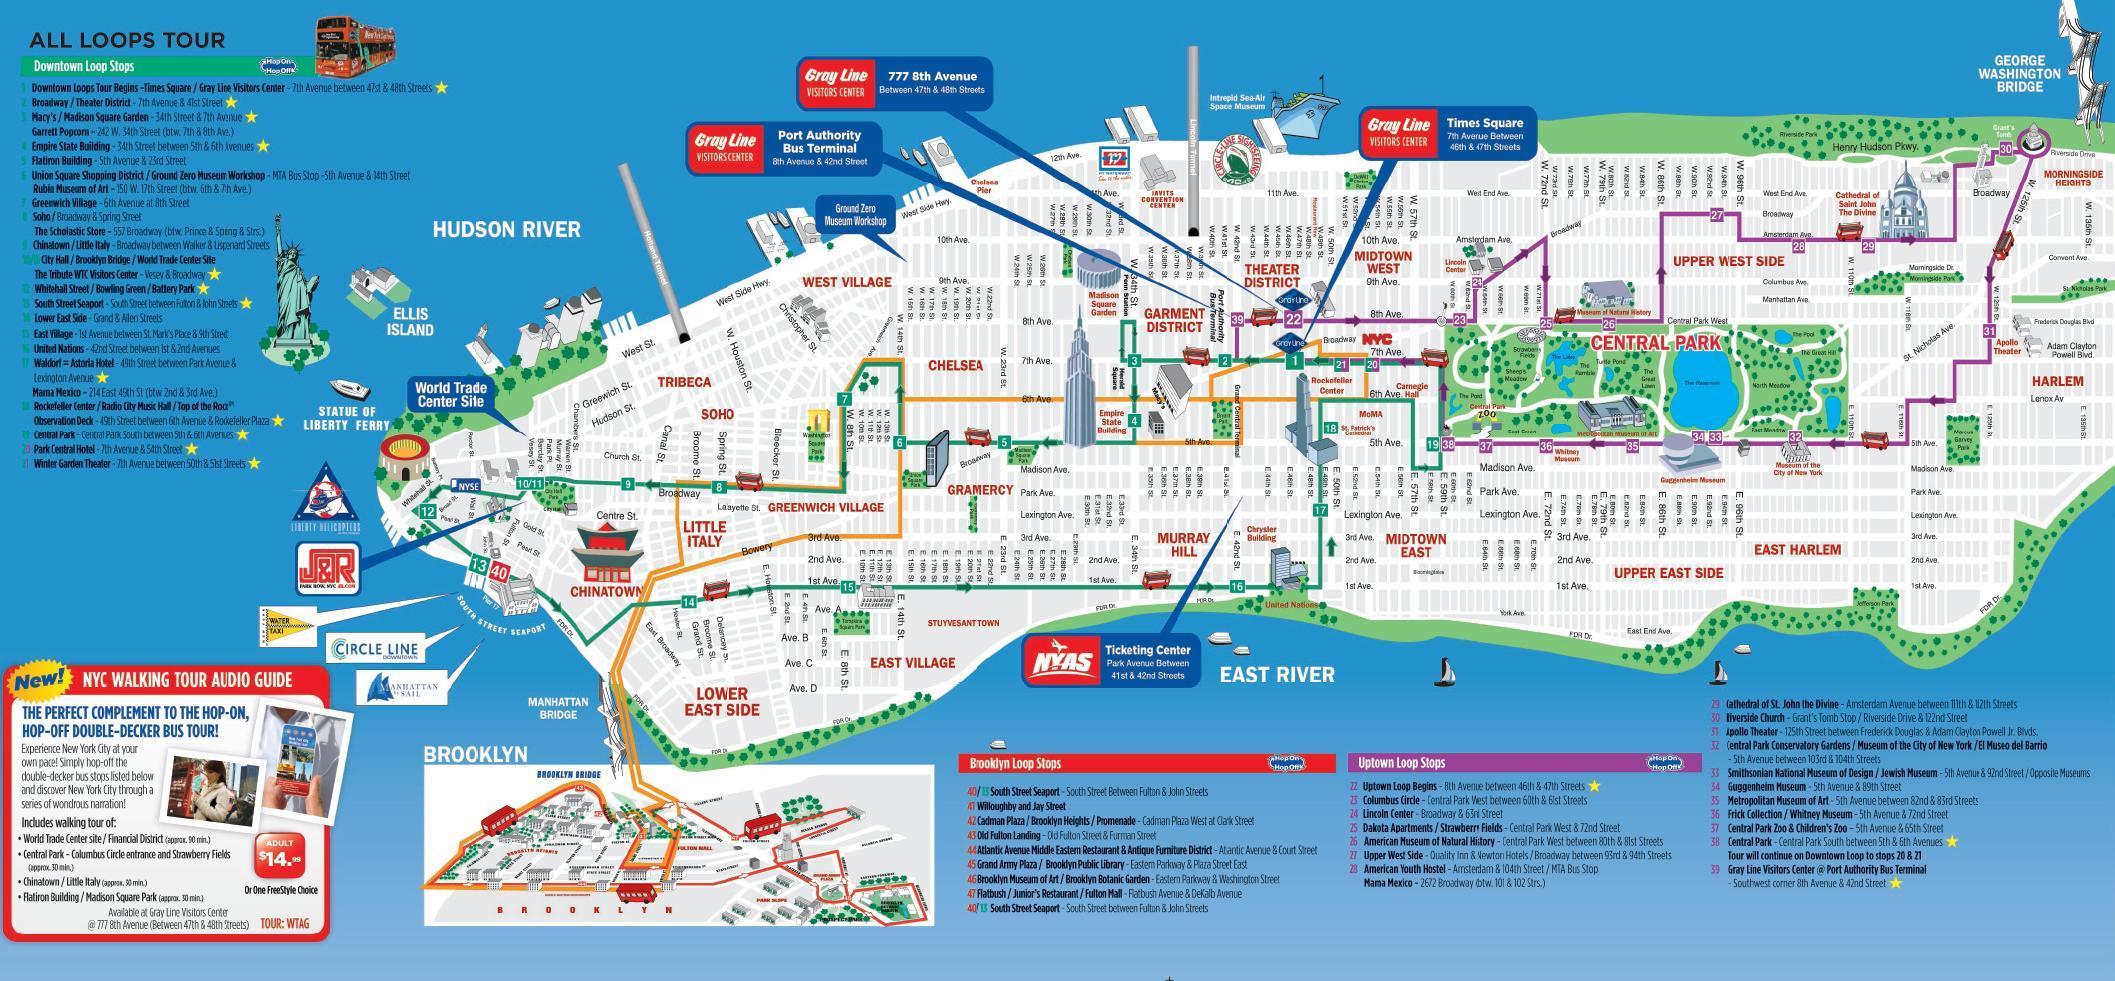 Nyc Walking Tourist Map - Nyc Walking Map Printable (New York - Usa) - Printable Walking Map Of Manhattan